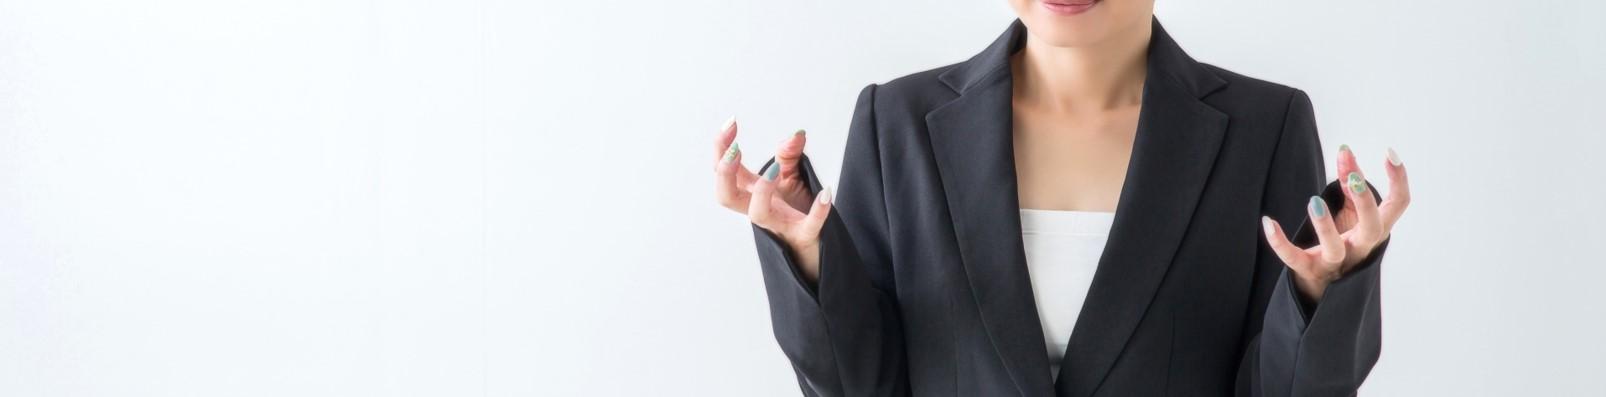 「対処法に終わらないアンガーマネジメント_自分の怒りの原因を知る」のコラム